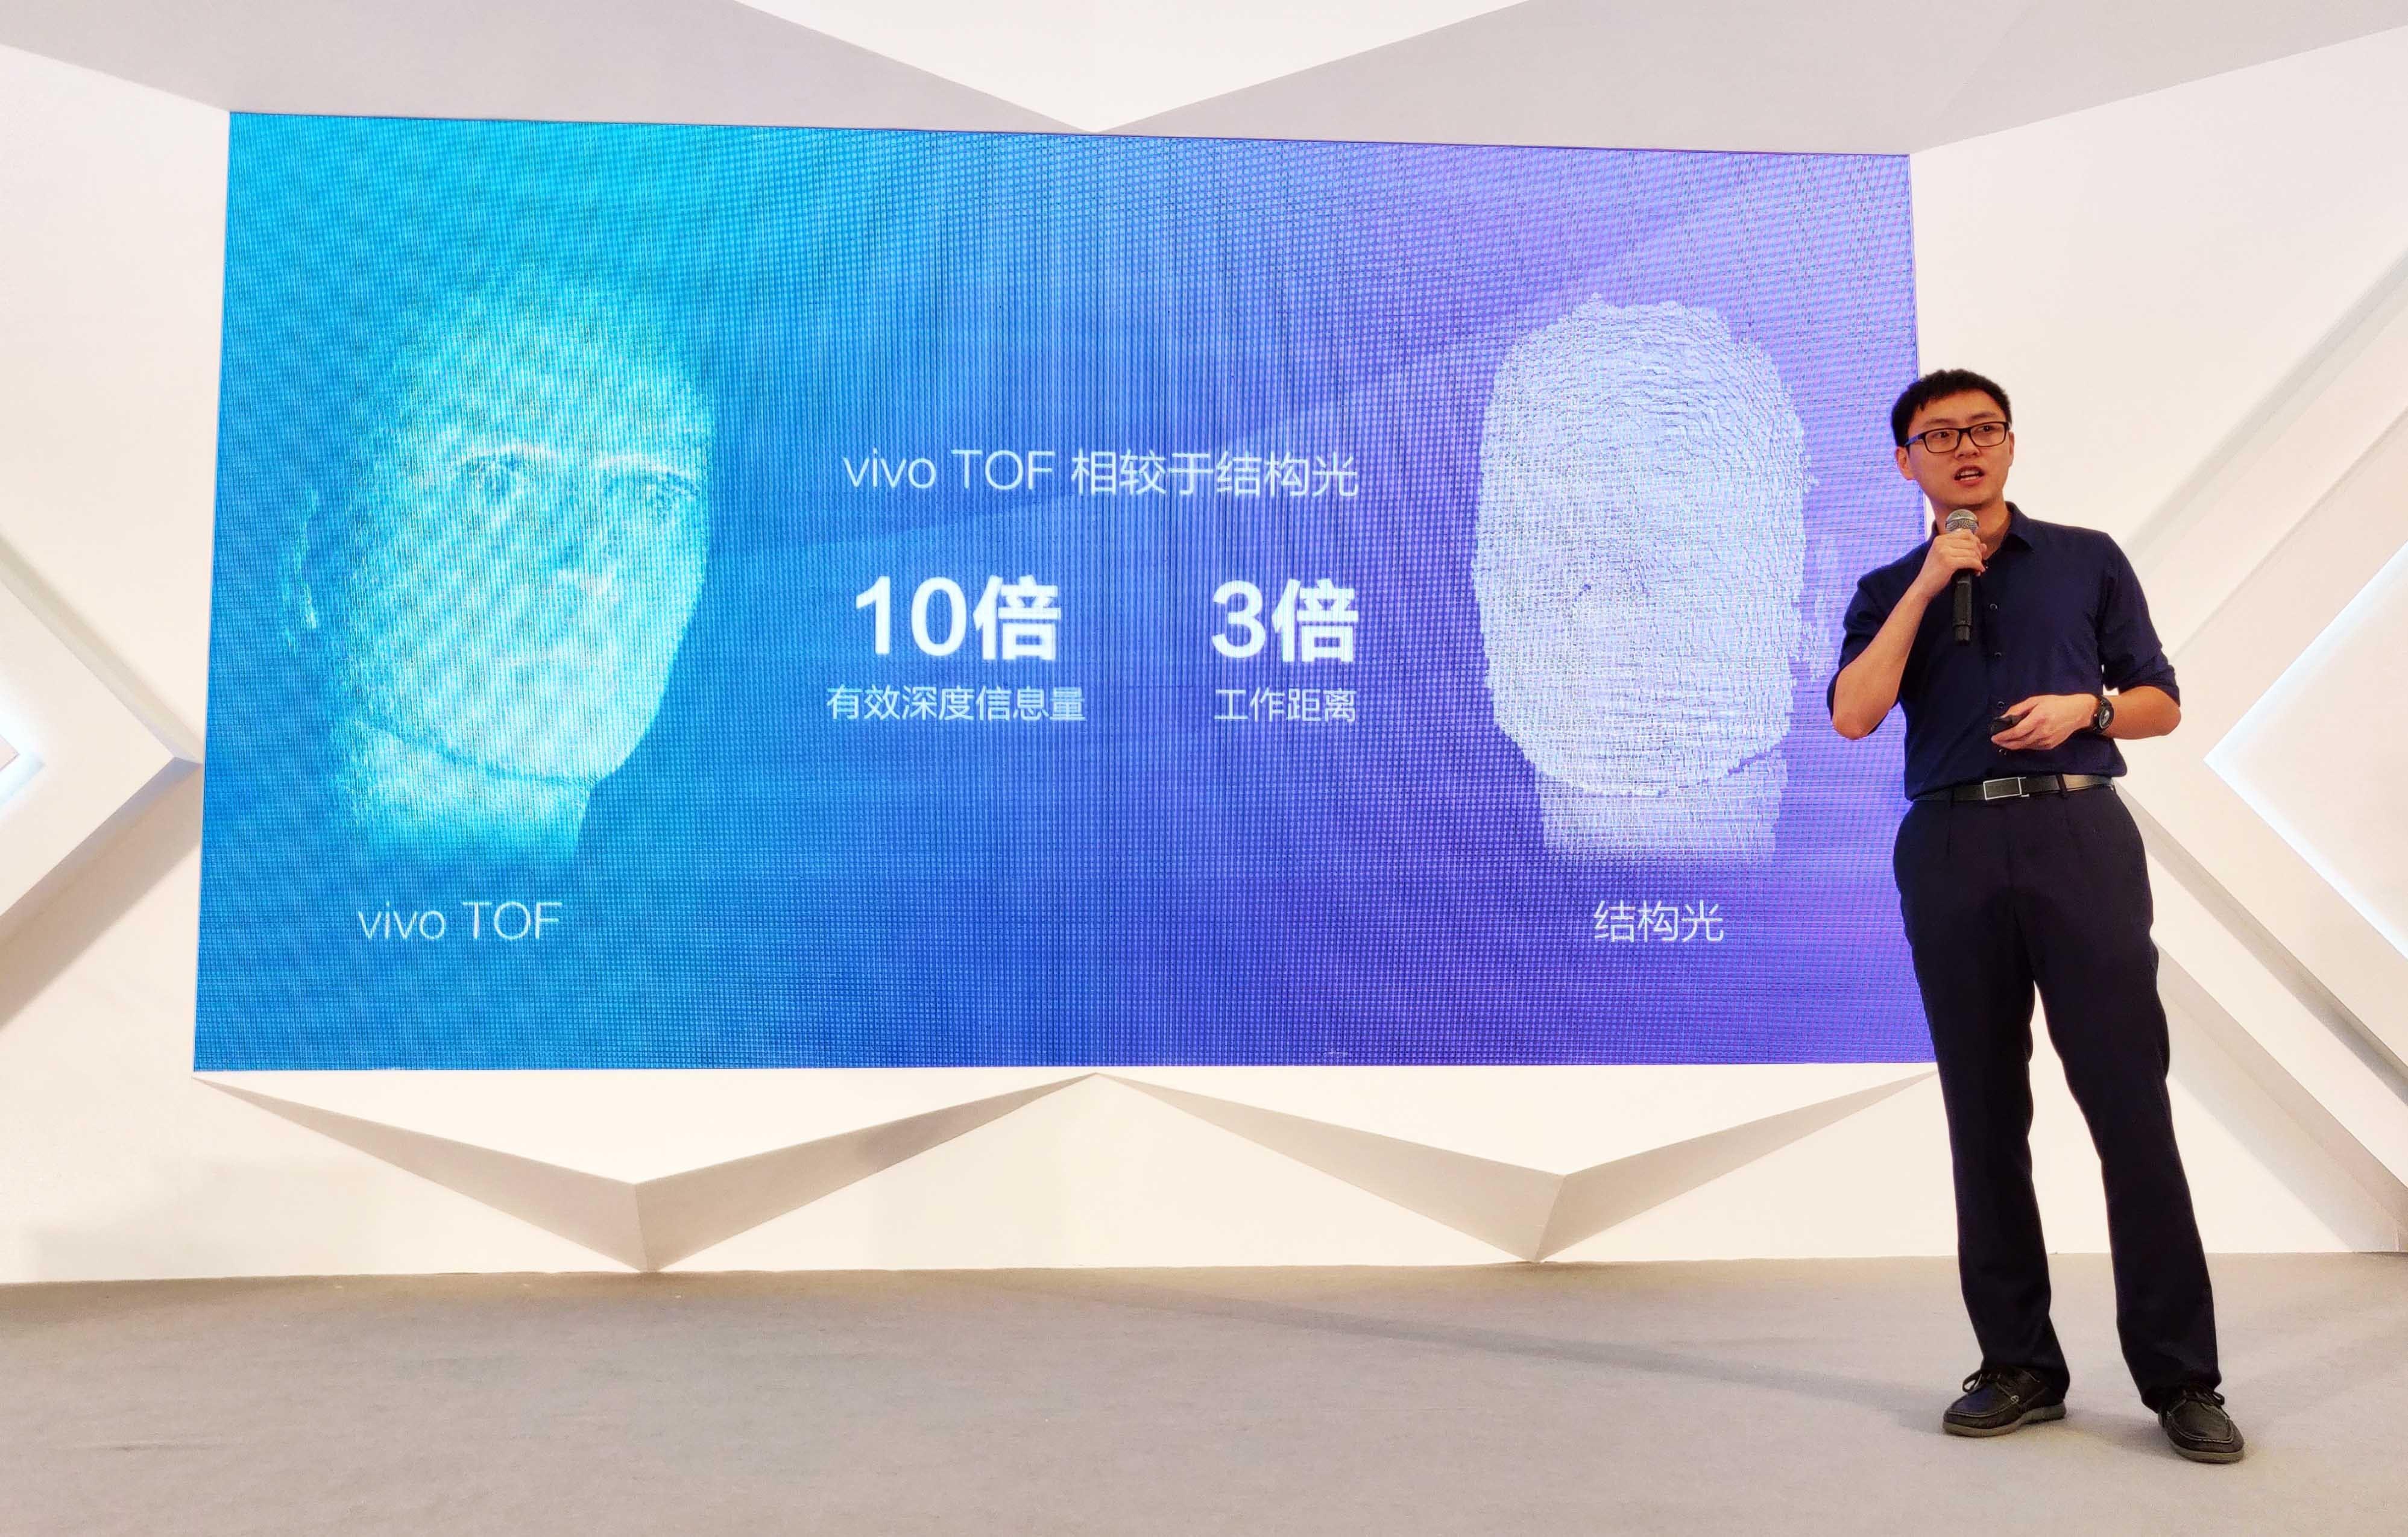 苹果带头 今年3D人脸识别手机将突破1亿部